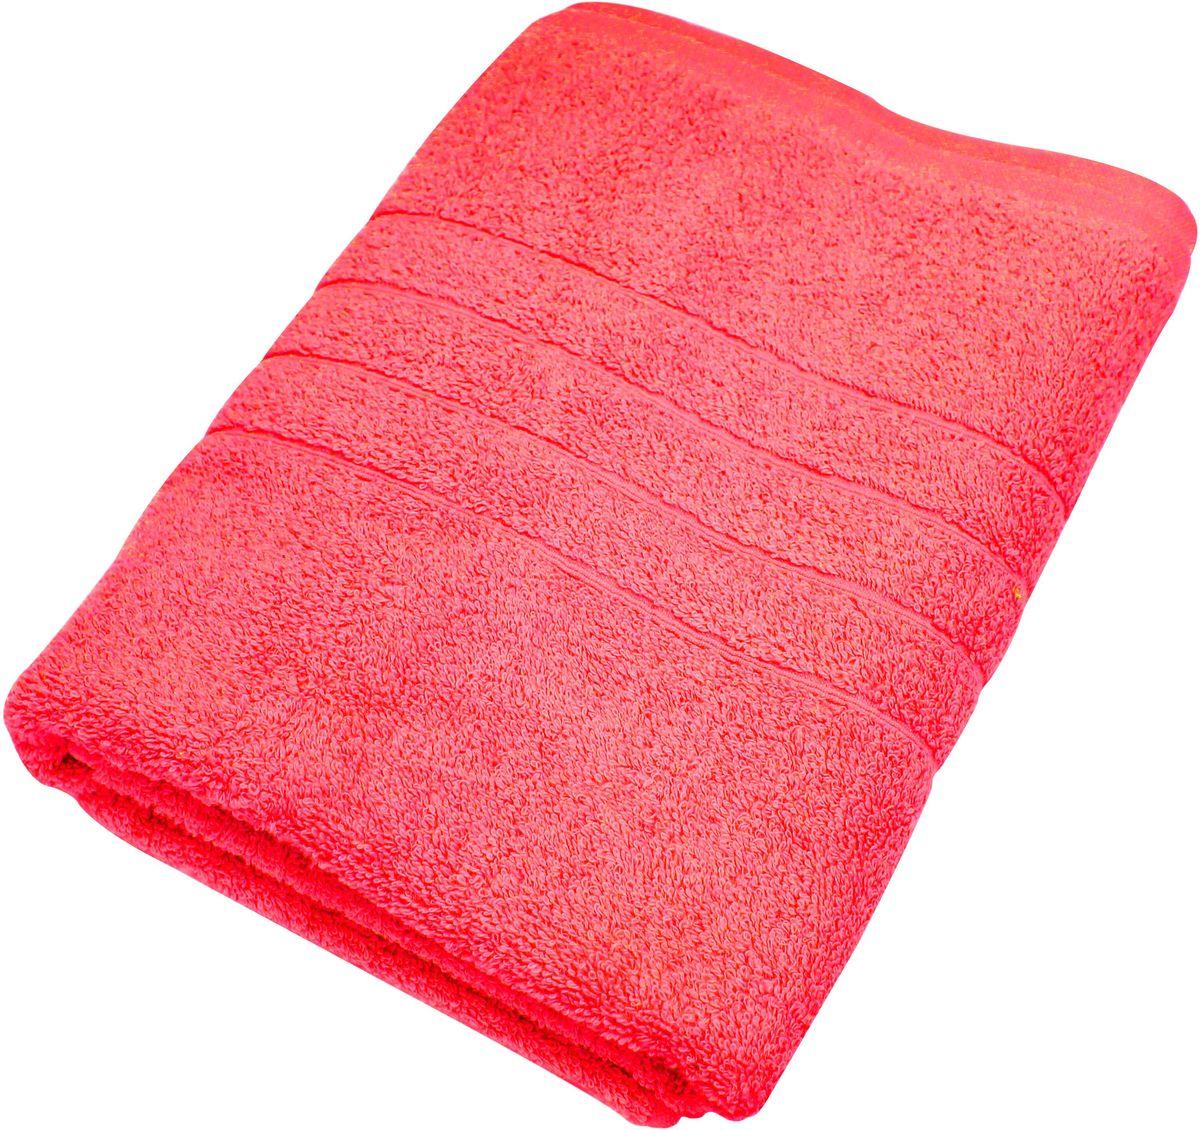 Полотенце Proffi Home Модерн, цвет: красный, 70 x 140 смPH3276Мягкое махровое полотенцеProffi Home Модерн отлично впитывает влагу и быстро сохнет, приятно в него завернуться после принятия ванны или посещения сауны. Поэтому данное махровое полотенце можно использовать в качестве душевого, банного или пляжного полотенца.Состав: 100% хлопок.